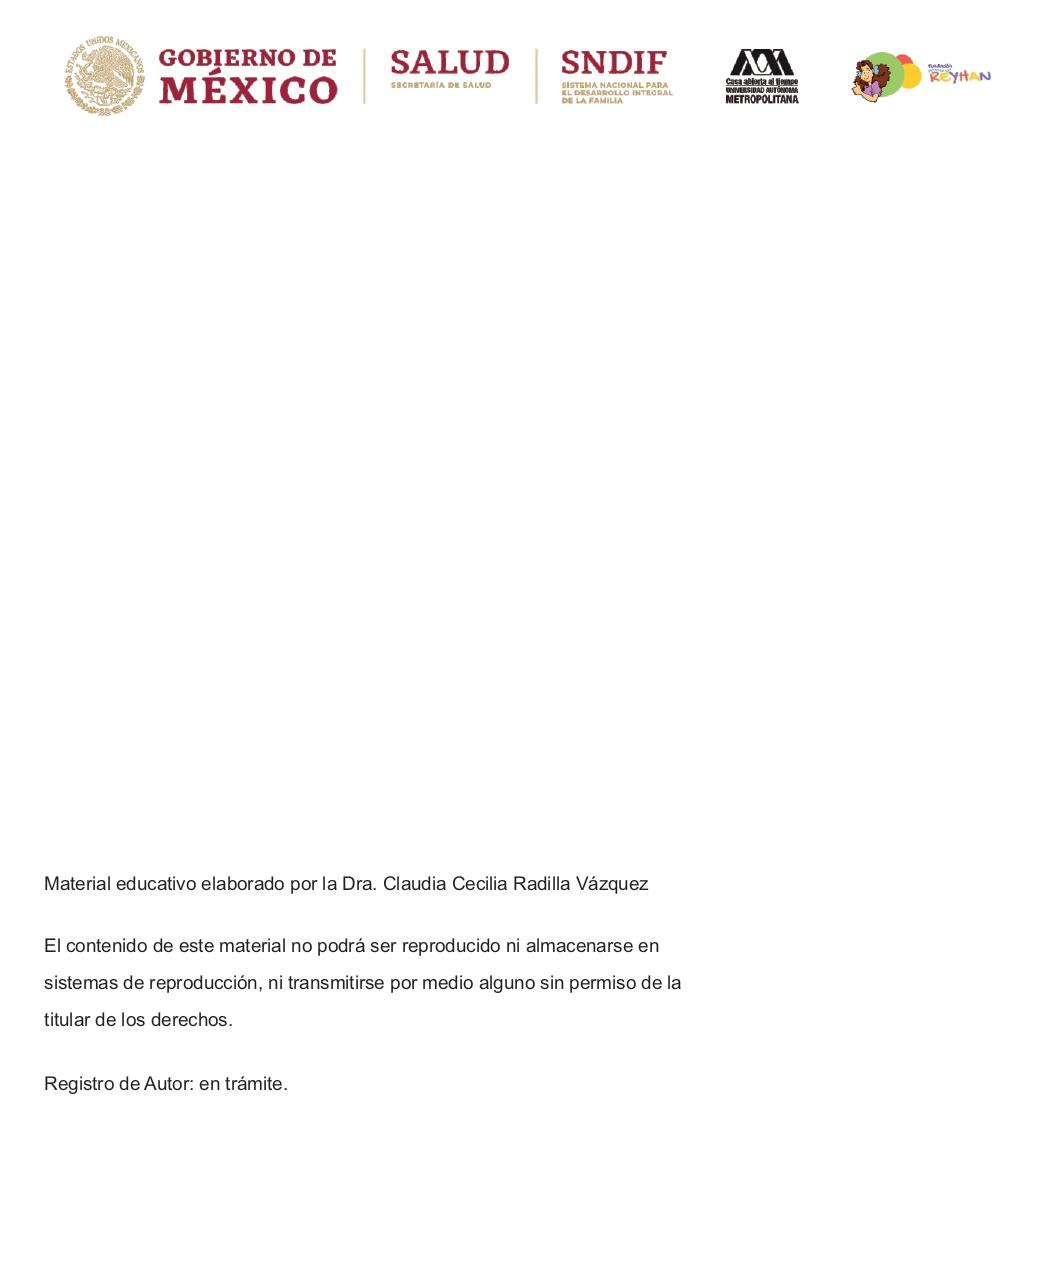 Diálogo de alimentación saludable digital_page-0002